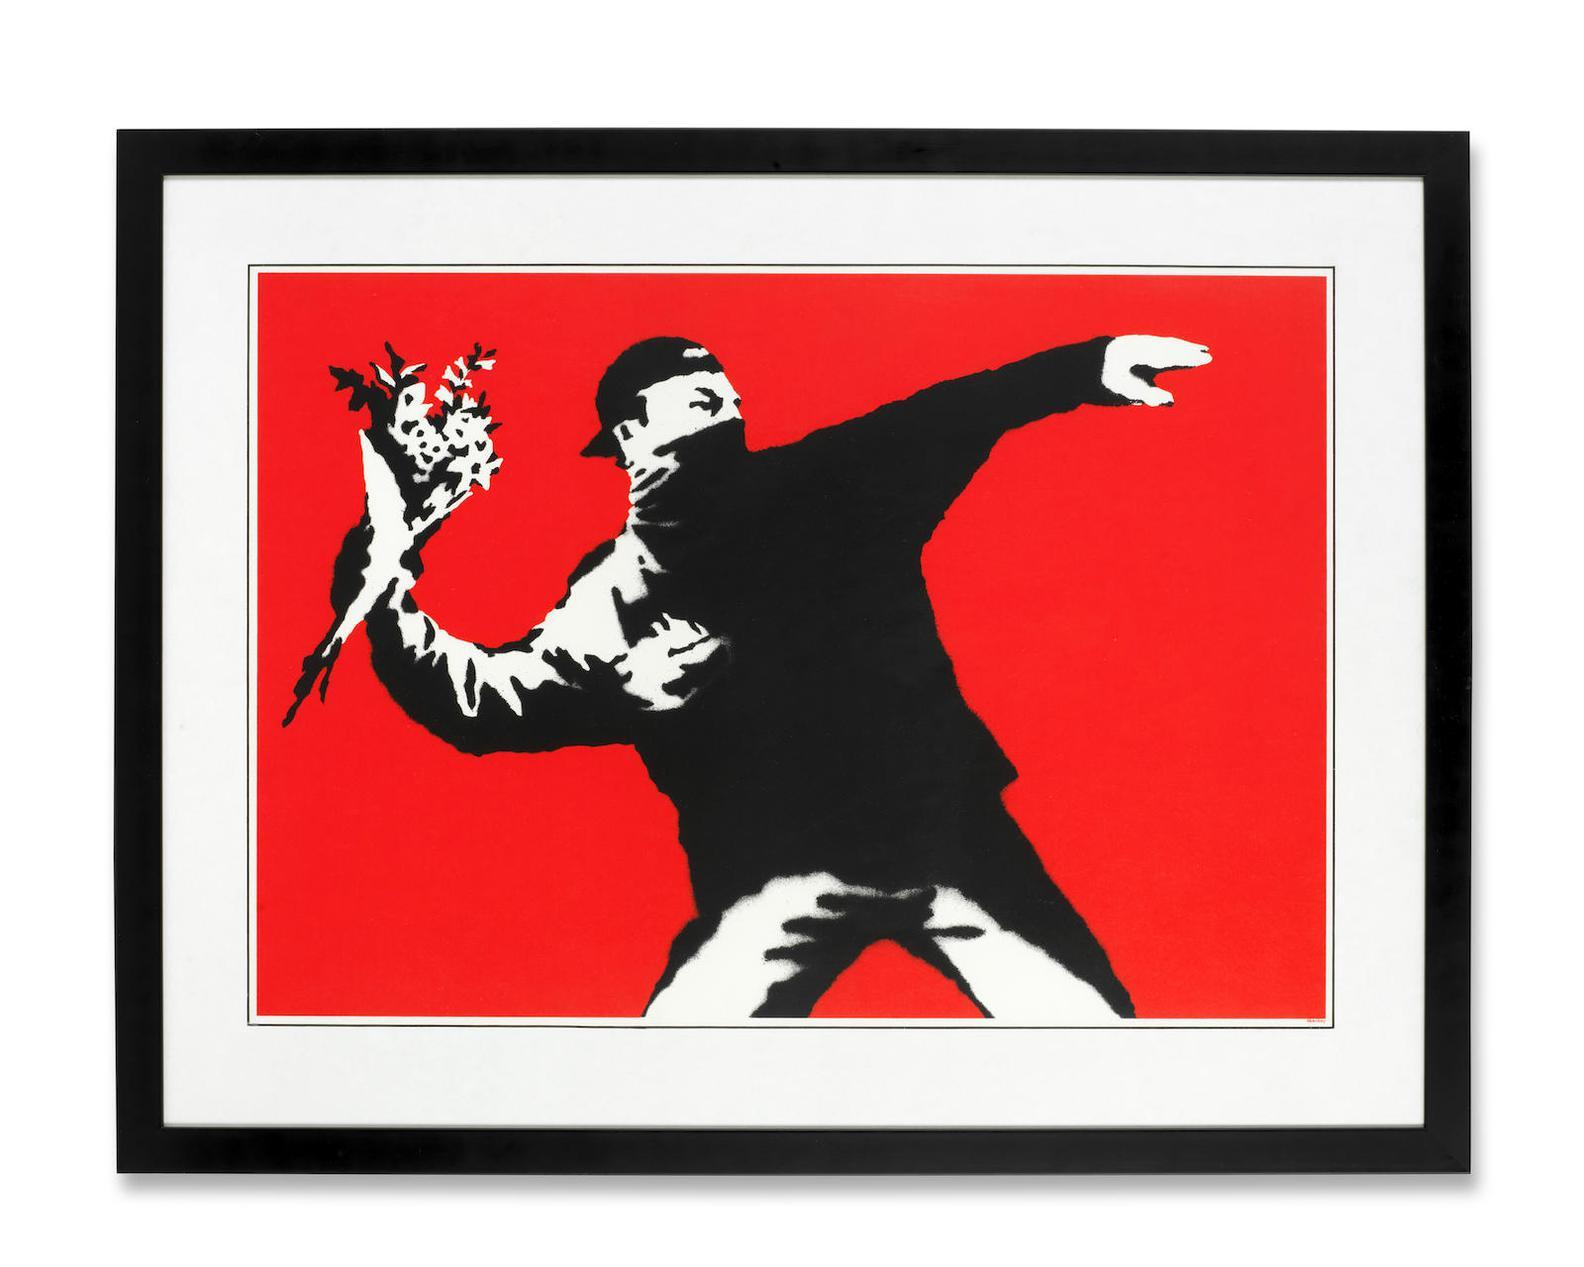 Banksy-Love Is In The Air (Flower Thrower)-2003